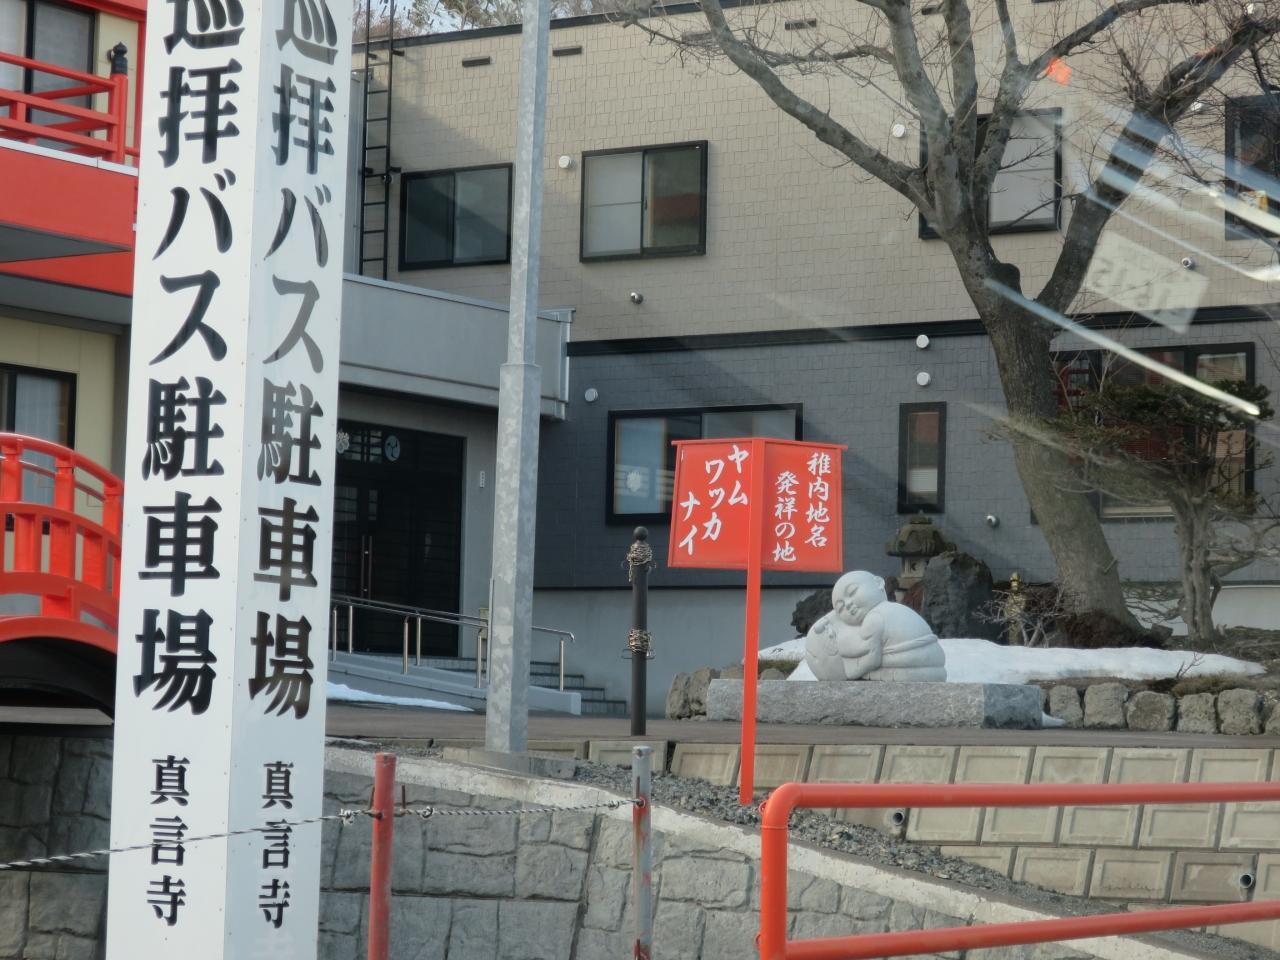 R40 (稚内-名寄-旭川) いまの様子 – あのソラのイマ